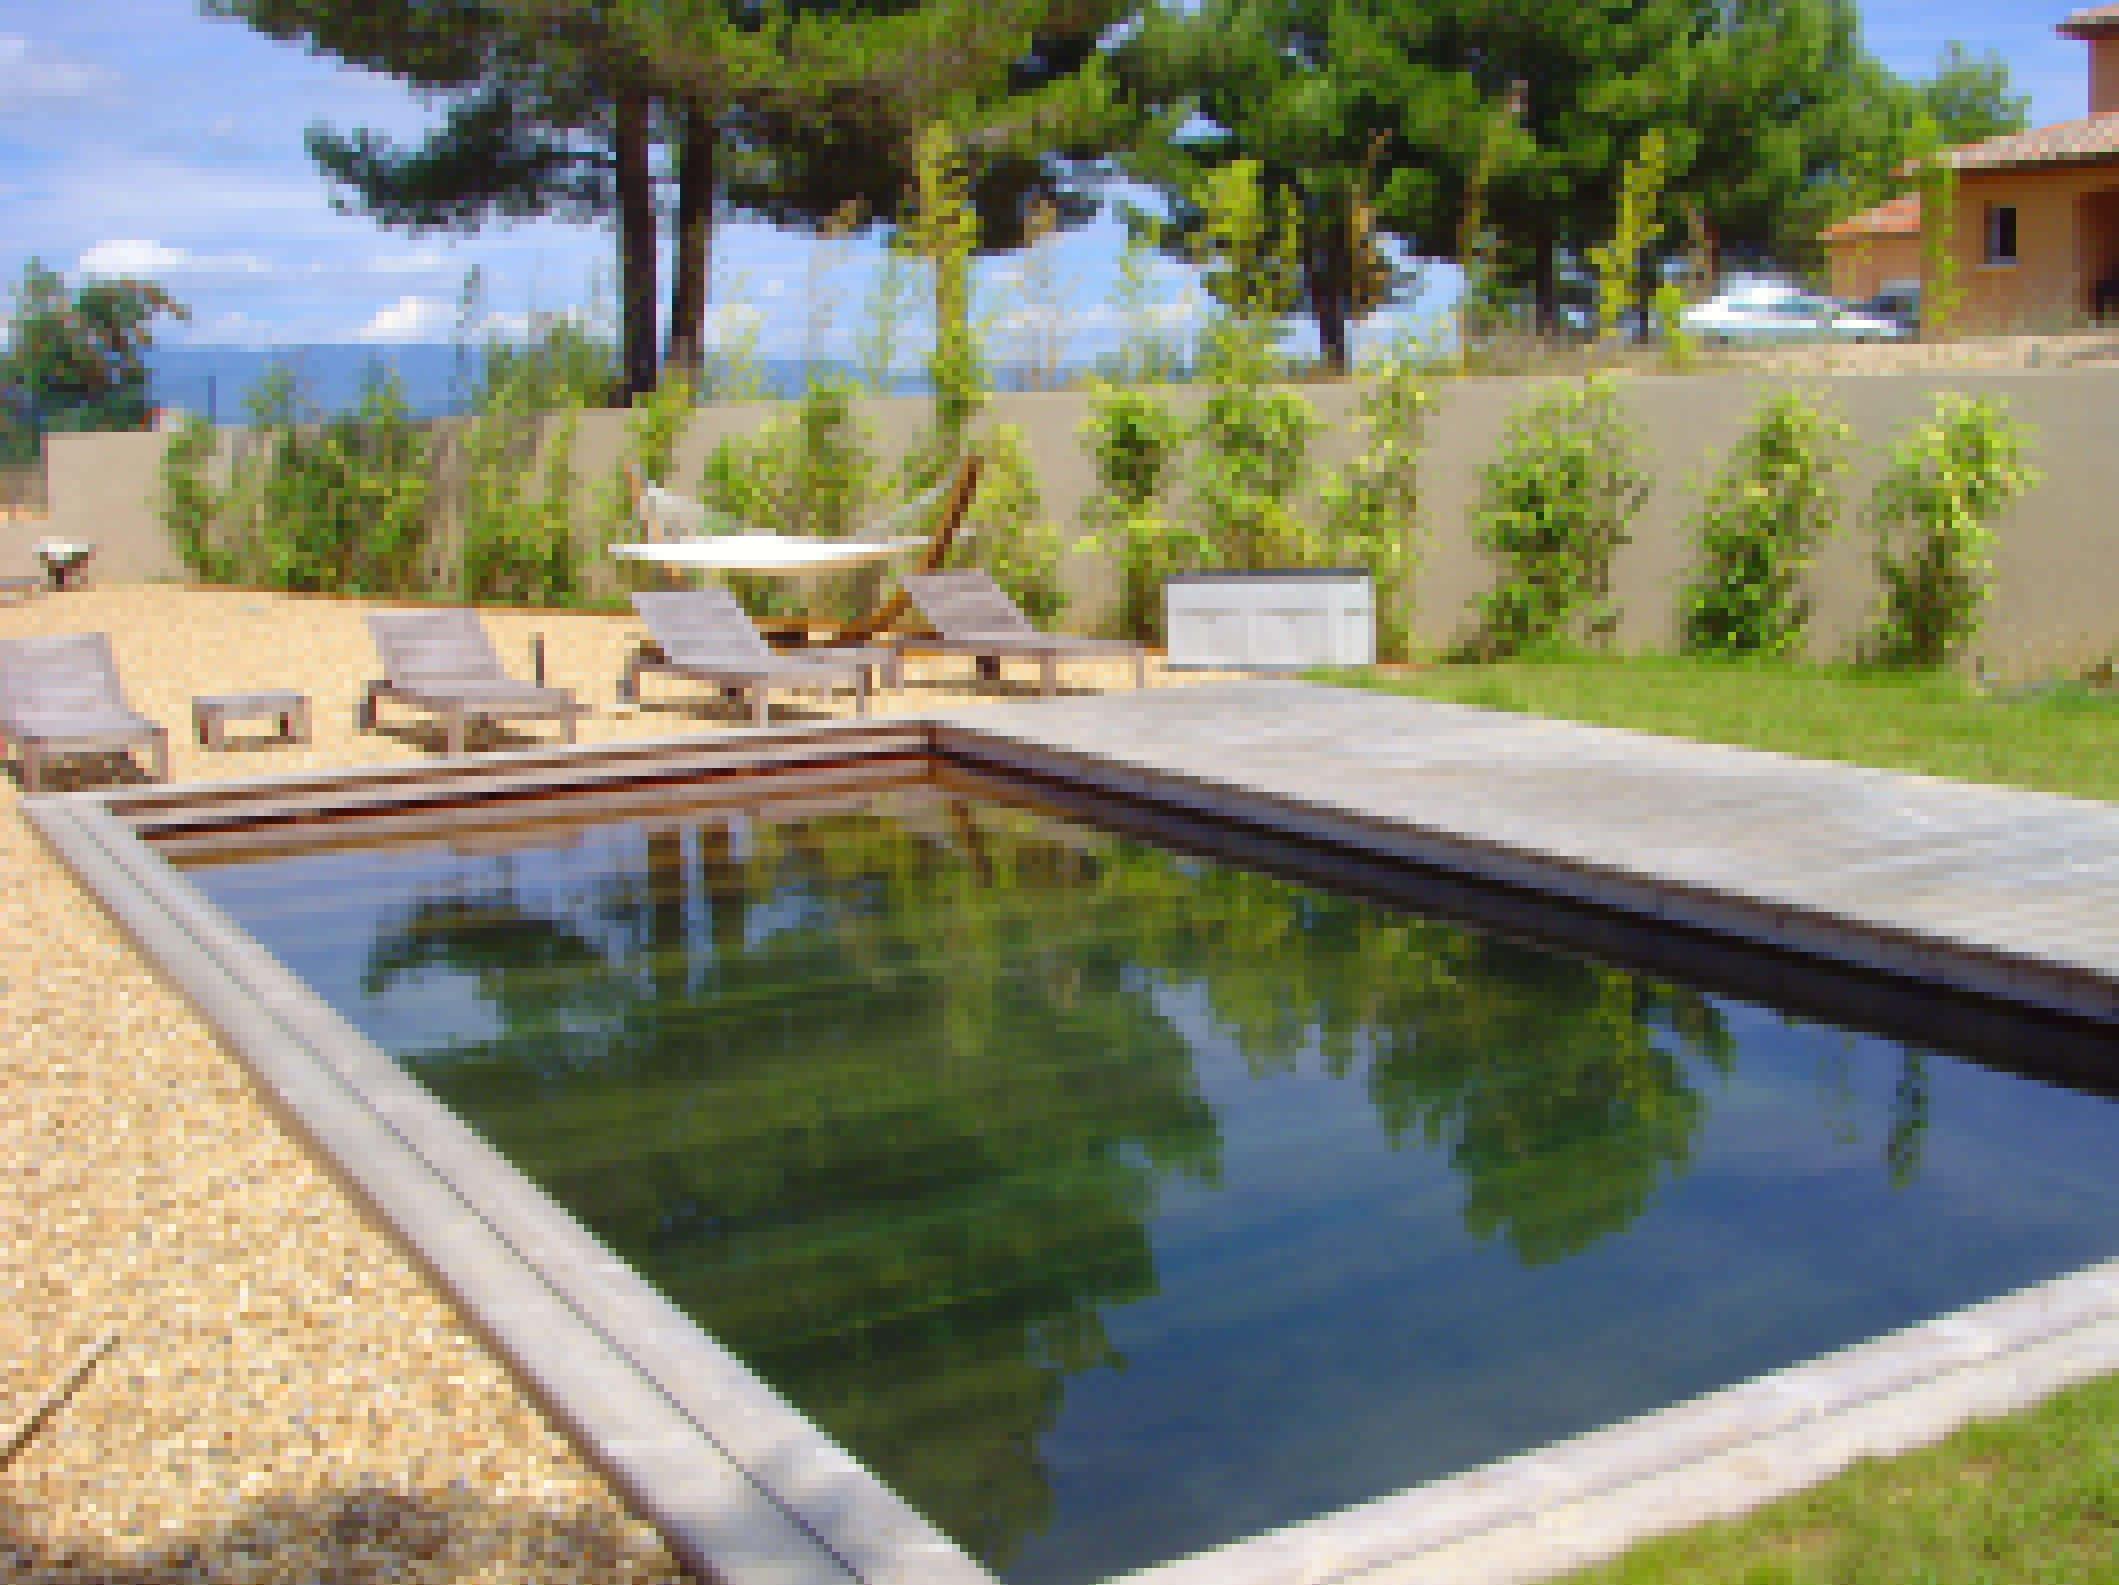 Fabricant piscine et jacuzzi spa sur mesure 100 bois for Fabricant de piscine en bois